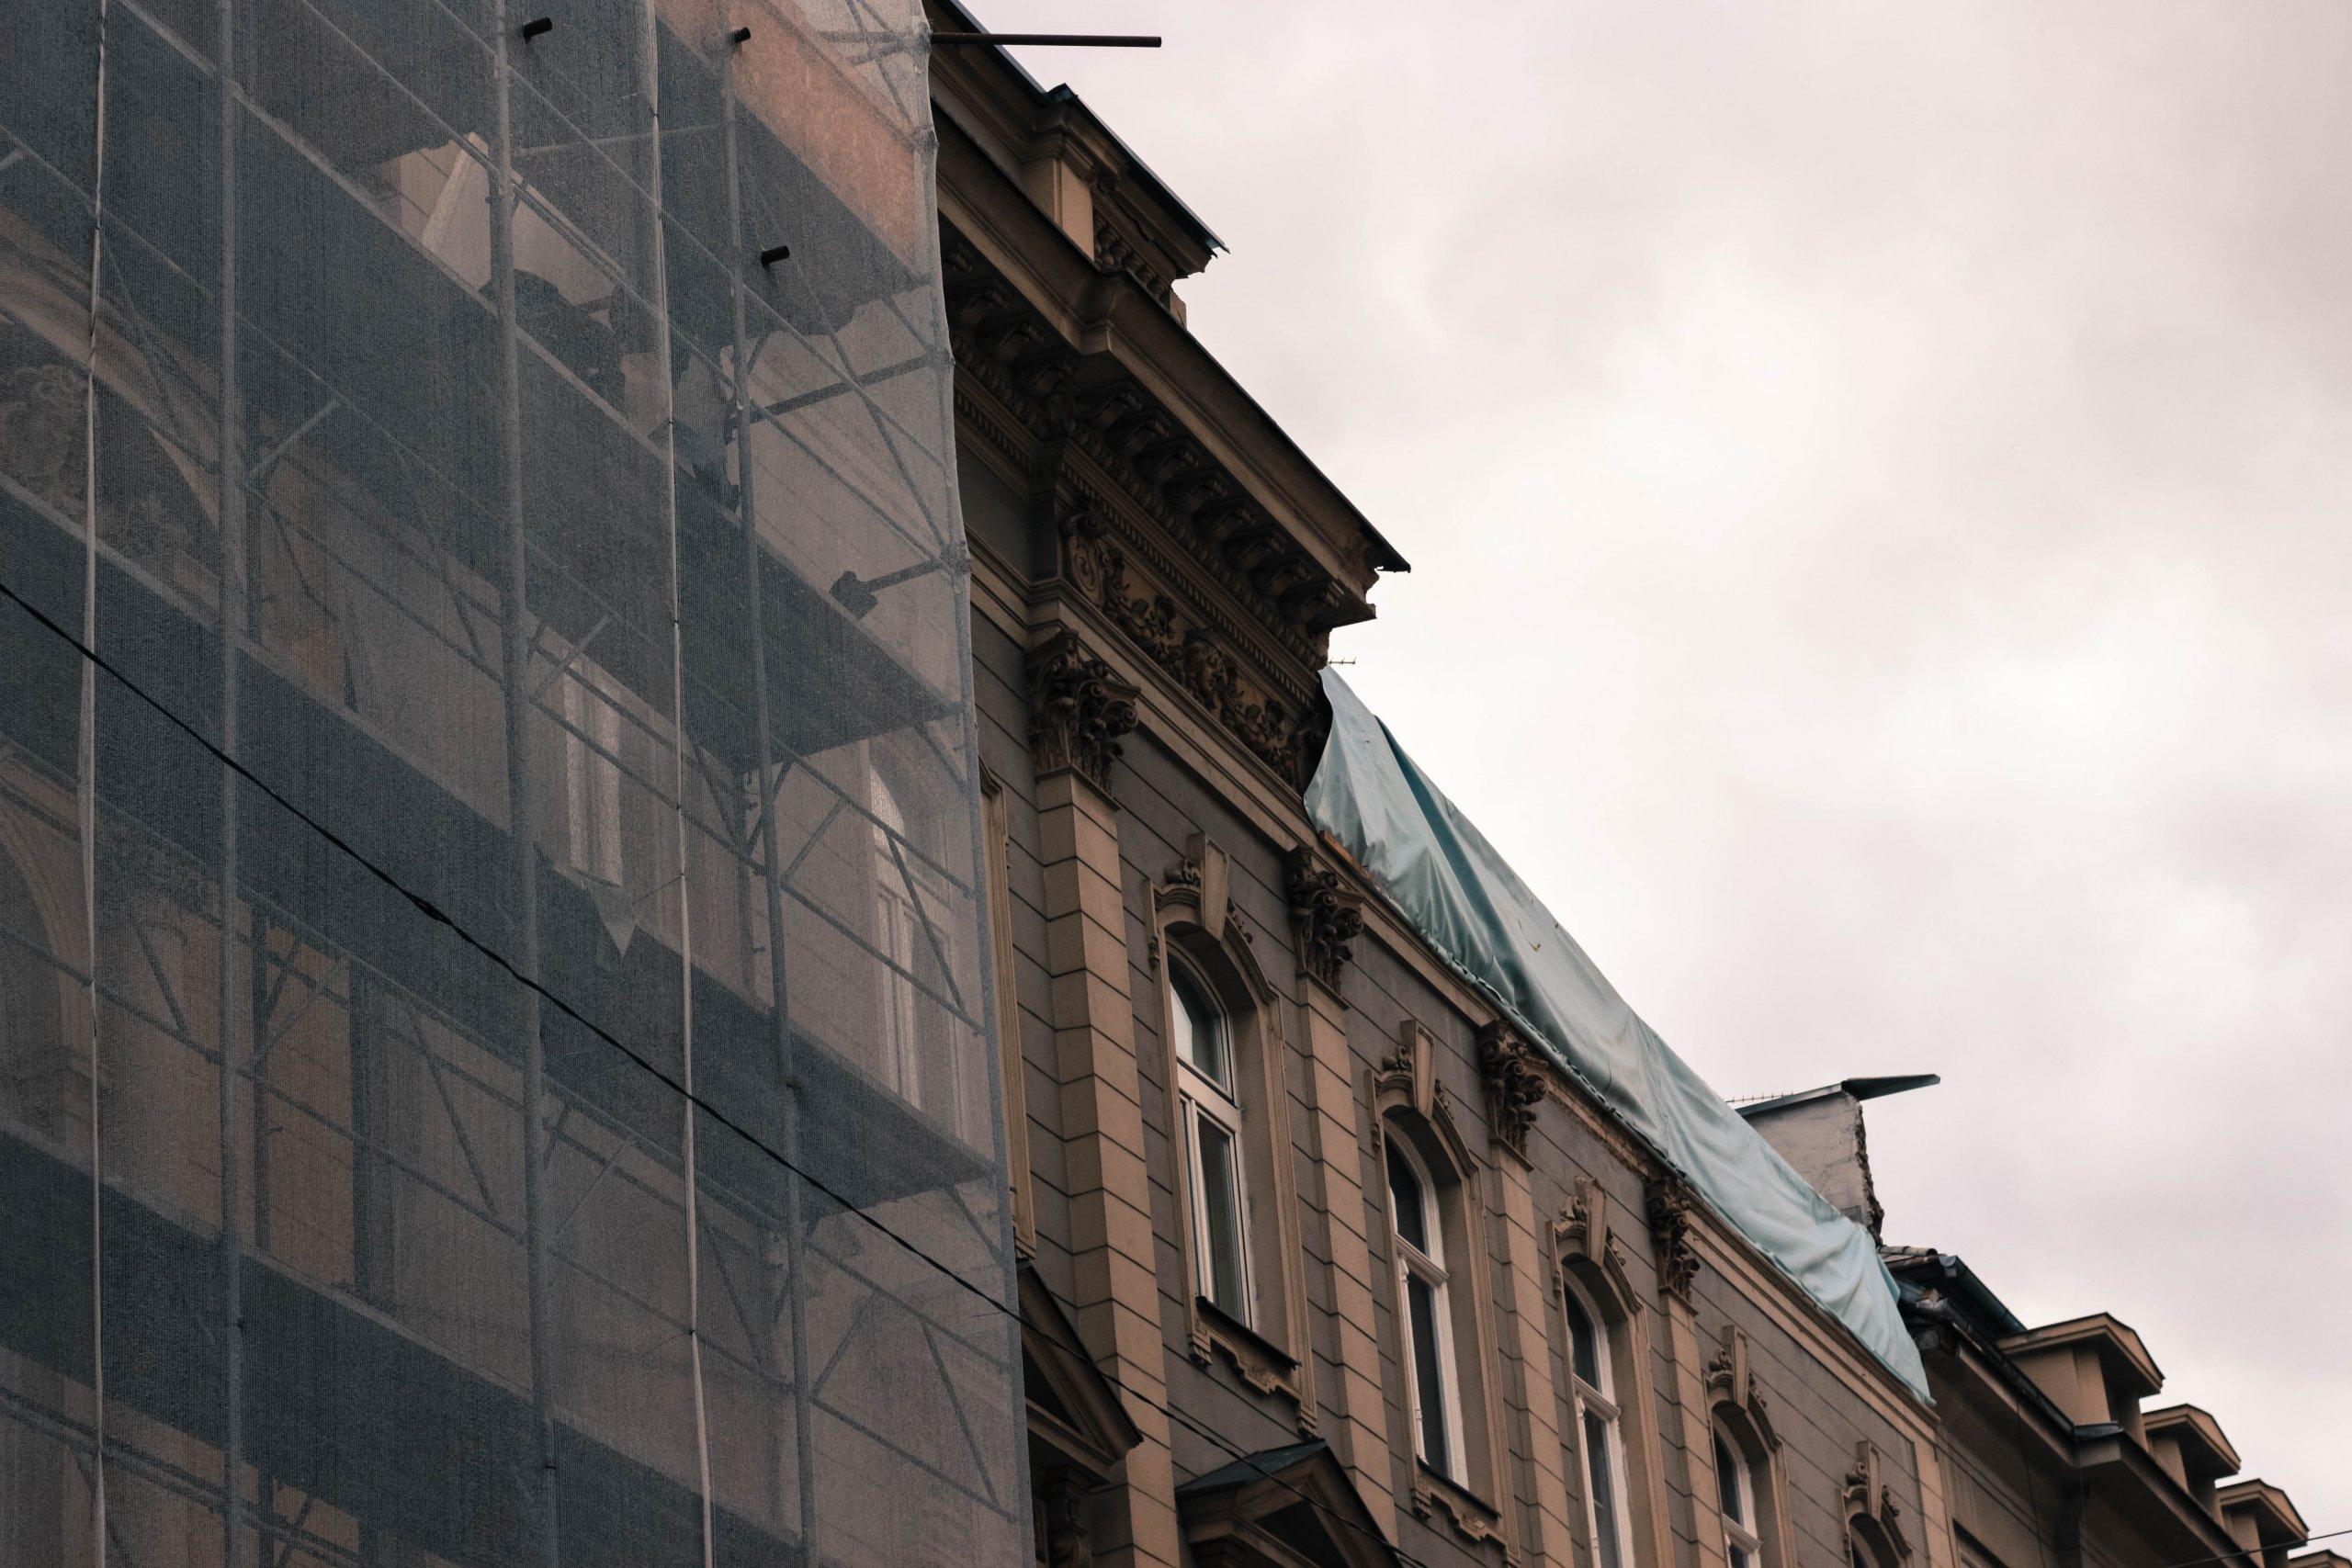 Stručna konferencija HAZU-a: Obnova povijesnog središta Zagreba nakon potresa – pristup, problemi i perspektive